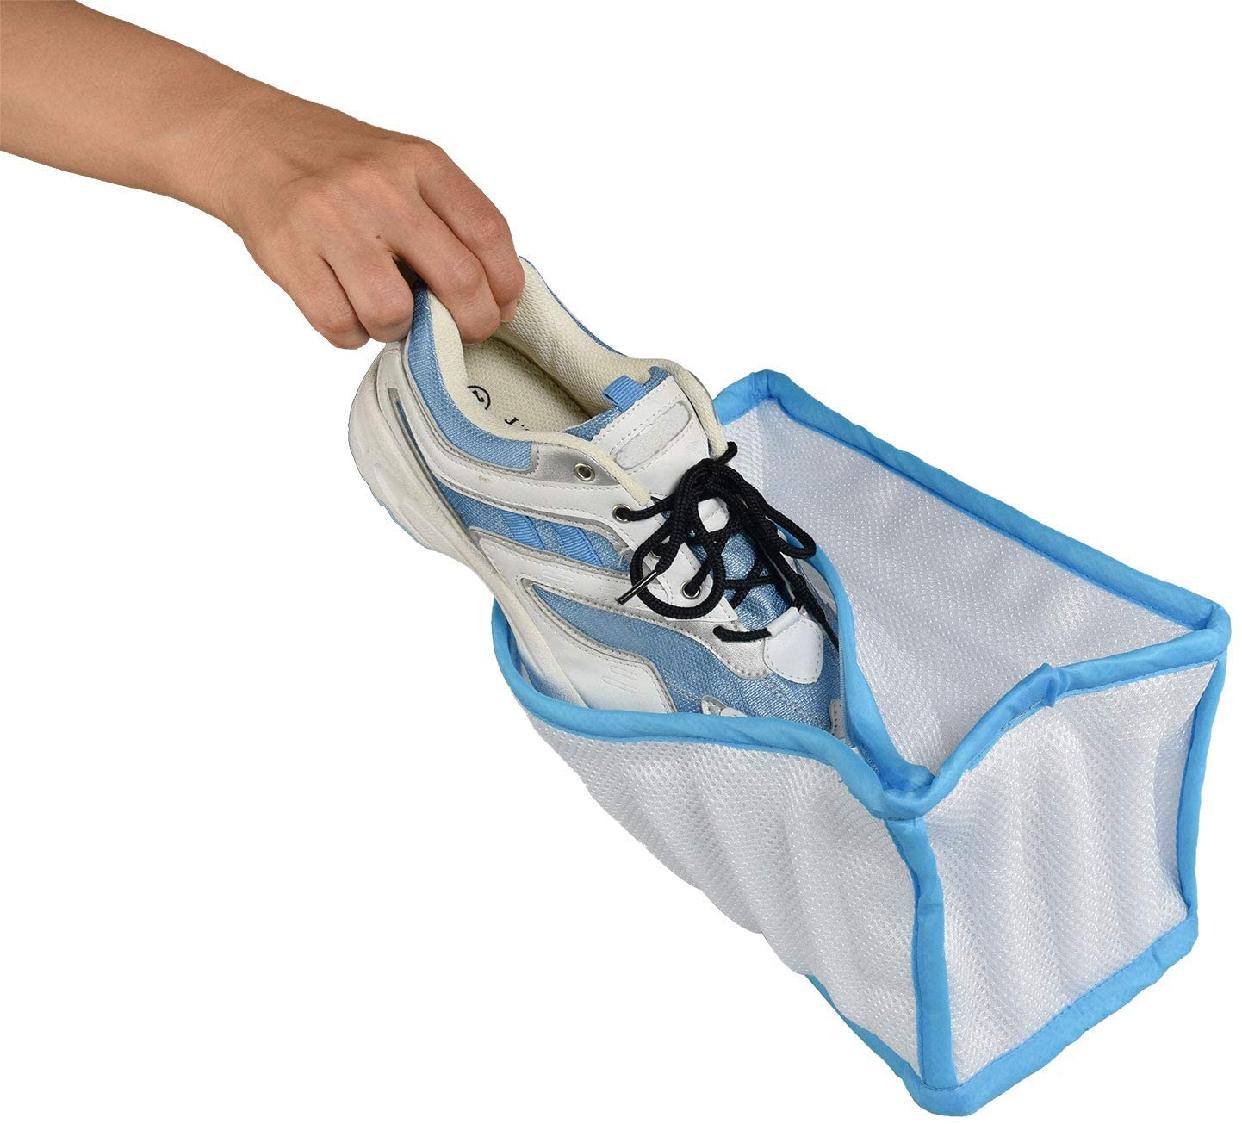 FINE(ファイン) シューズ洗濯ネットの商品画像3